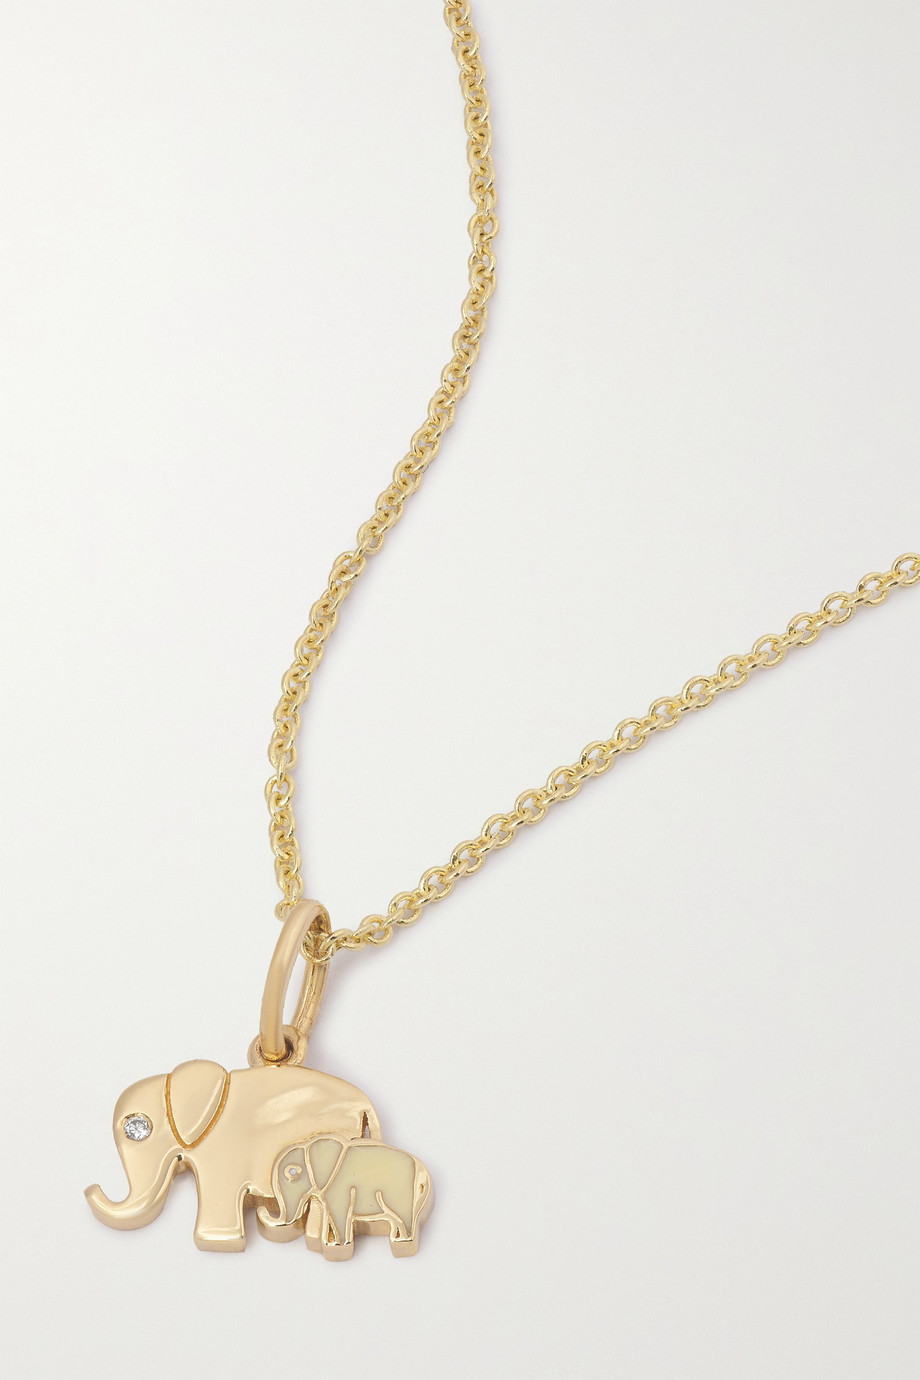 Sydney Evan Elephant Family 14-karat gold, enamel and diamond necklace